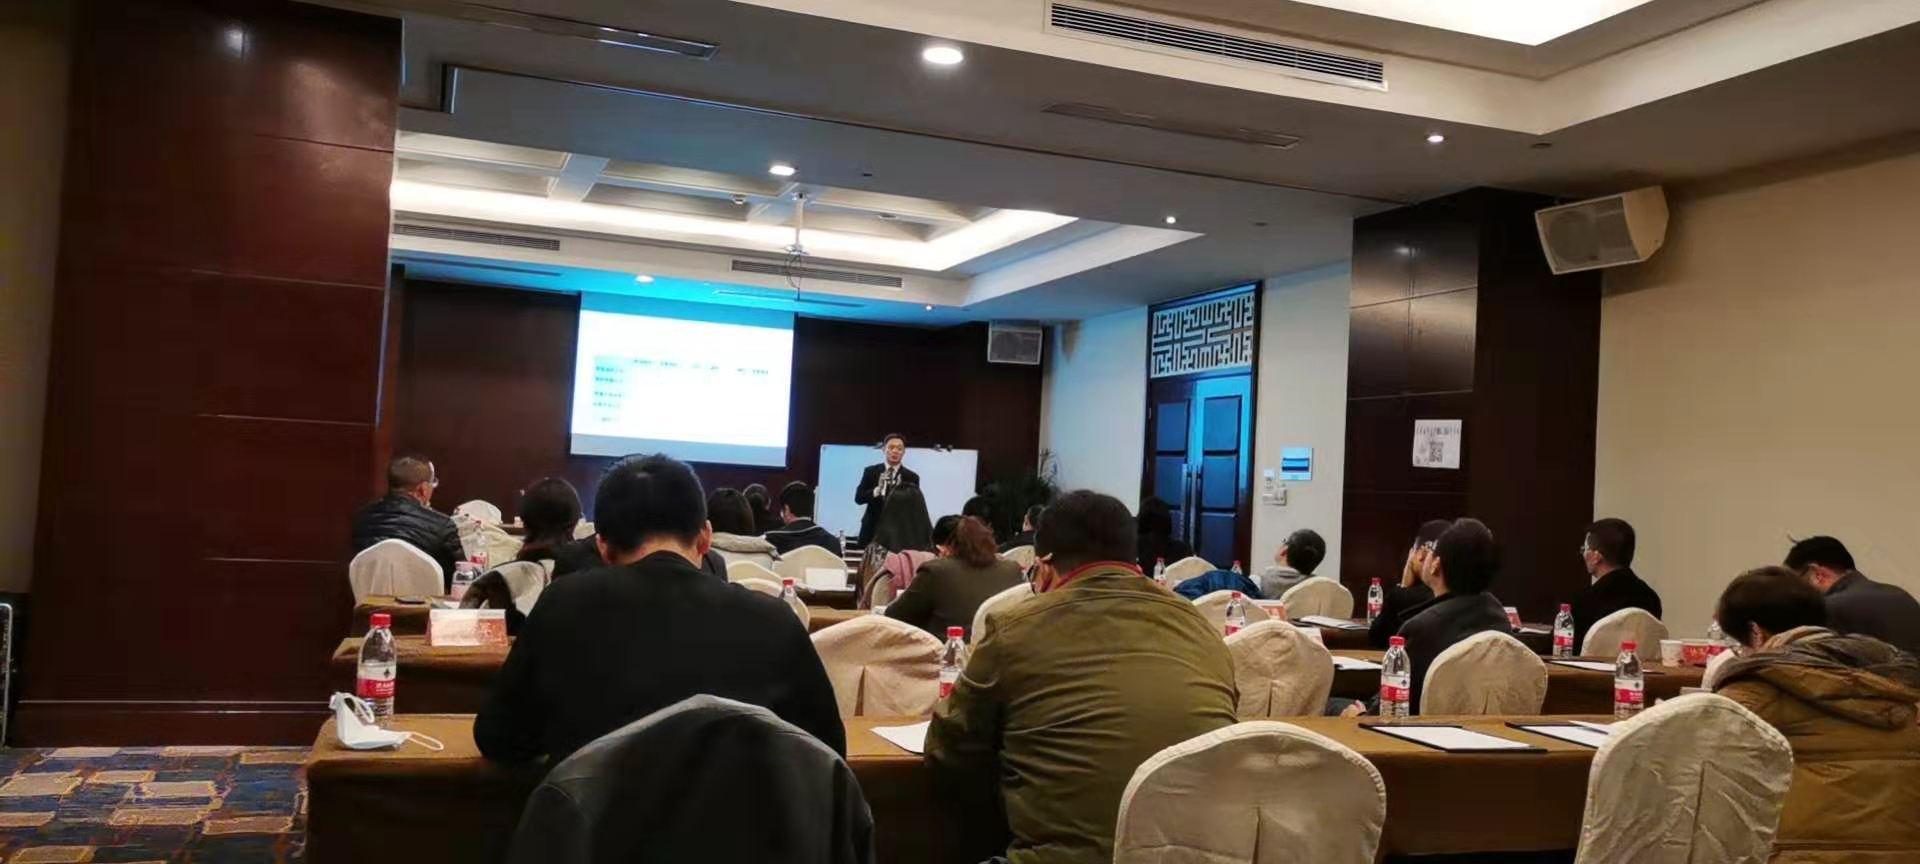 南孔教育|亚洲城市大学研究生班《企业法律风险防范》课程回顾